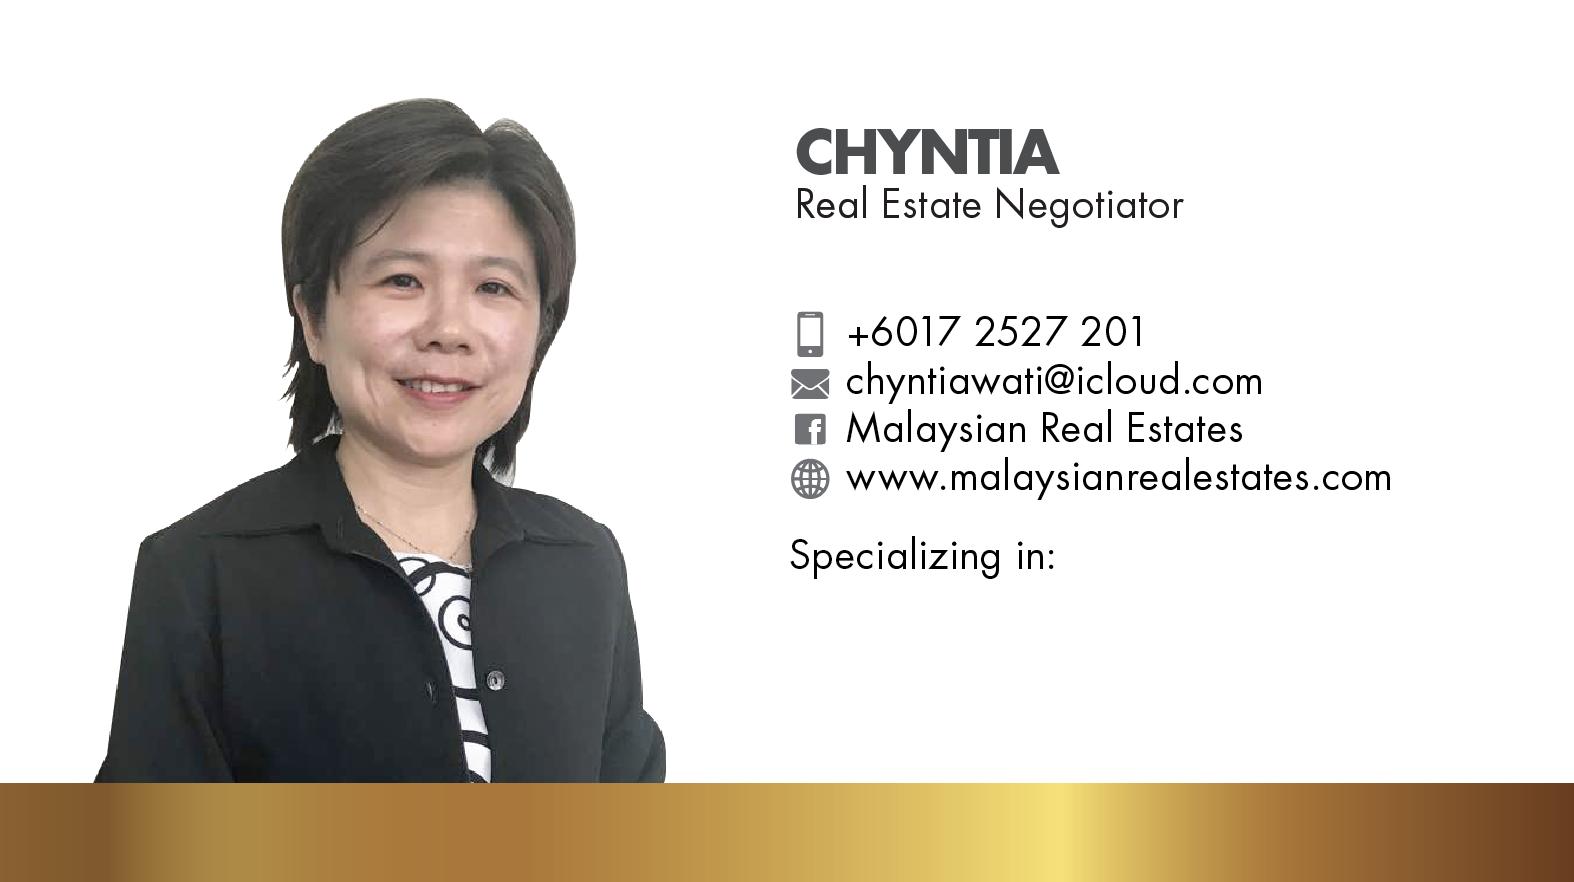 Chyntia